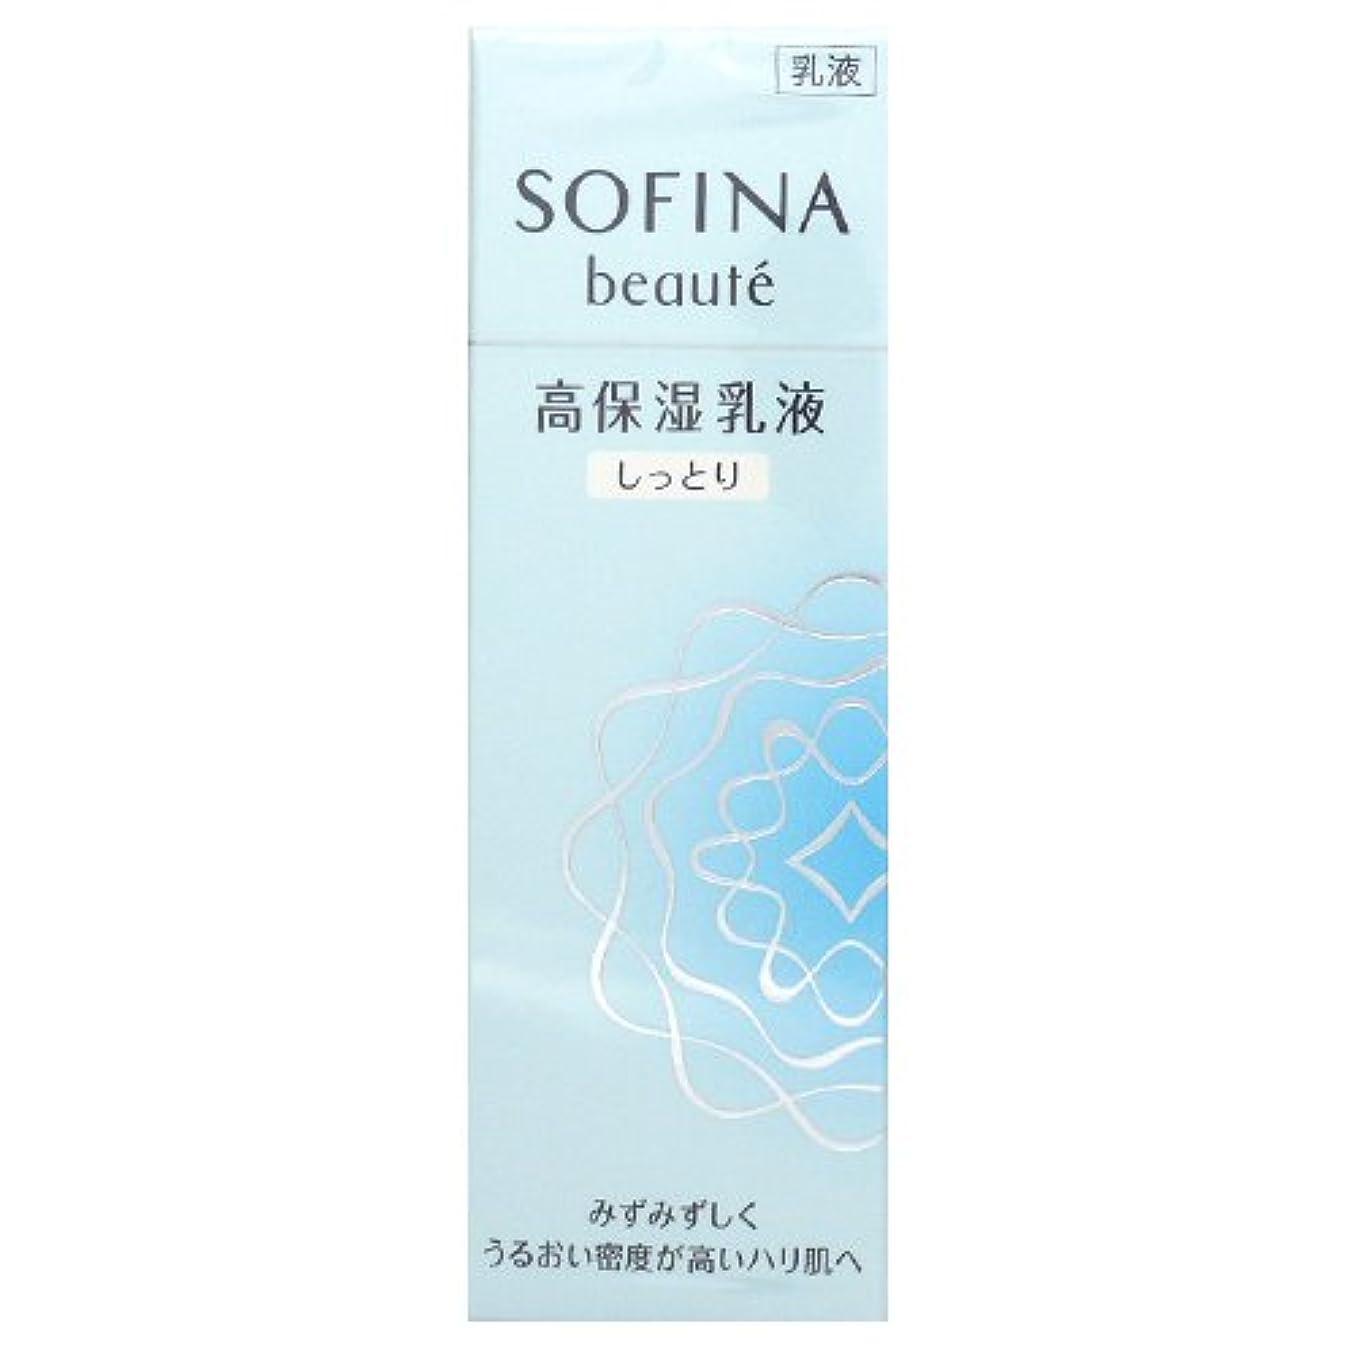 飼い慣らす量で邪悪な花王 ソフィーナ ボーテ SOFINA beaute 高保湿乳液 しっとり 60g [並行輸入品]